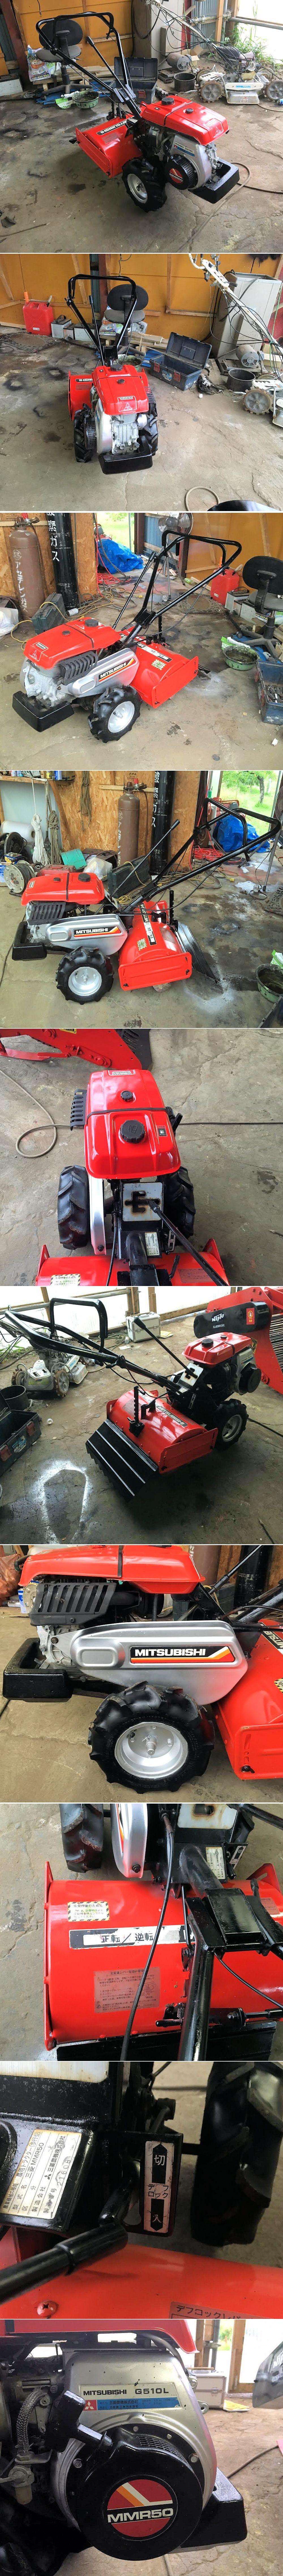 三菱 耕運機 管理機 MMR50 5馬力 整備塗装済み 美品中古